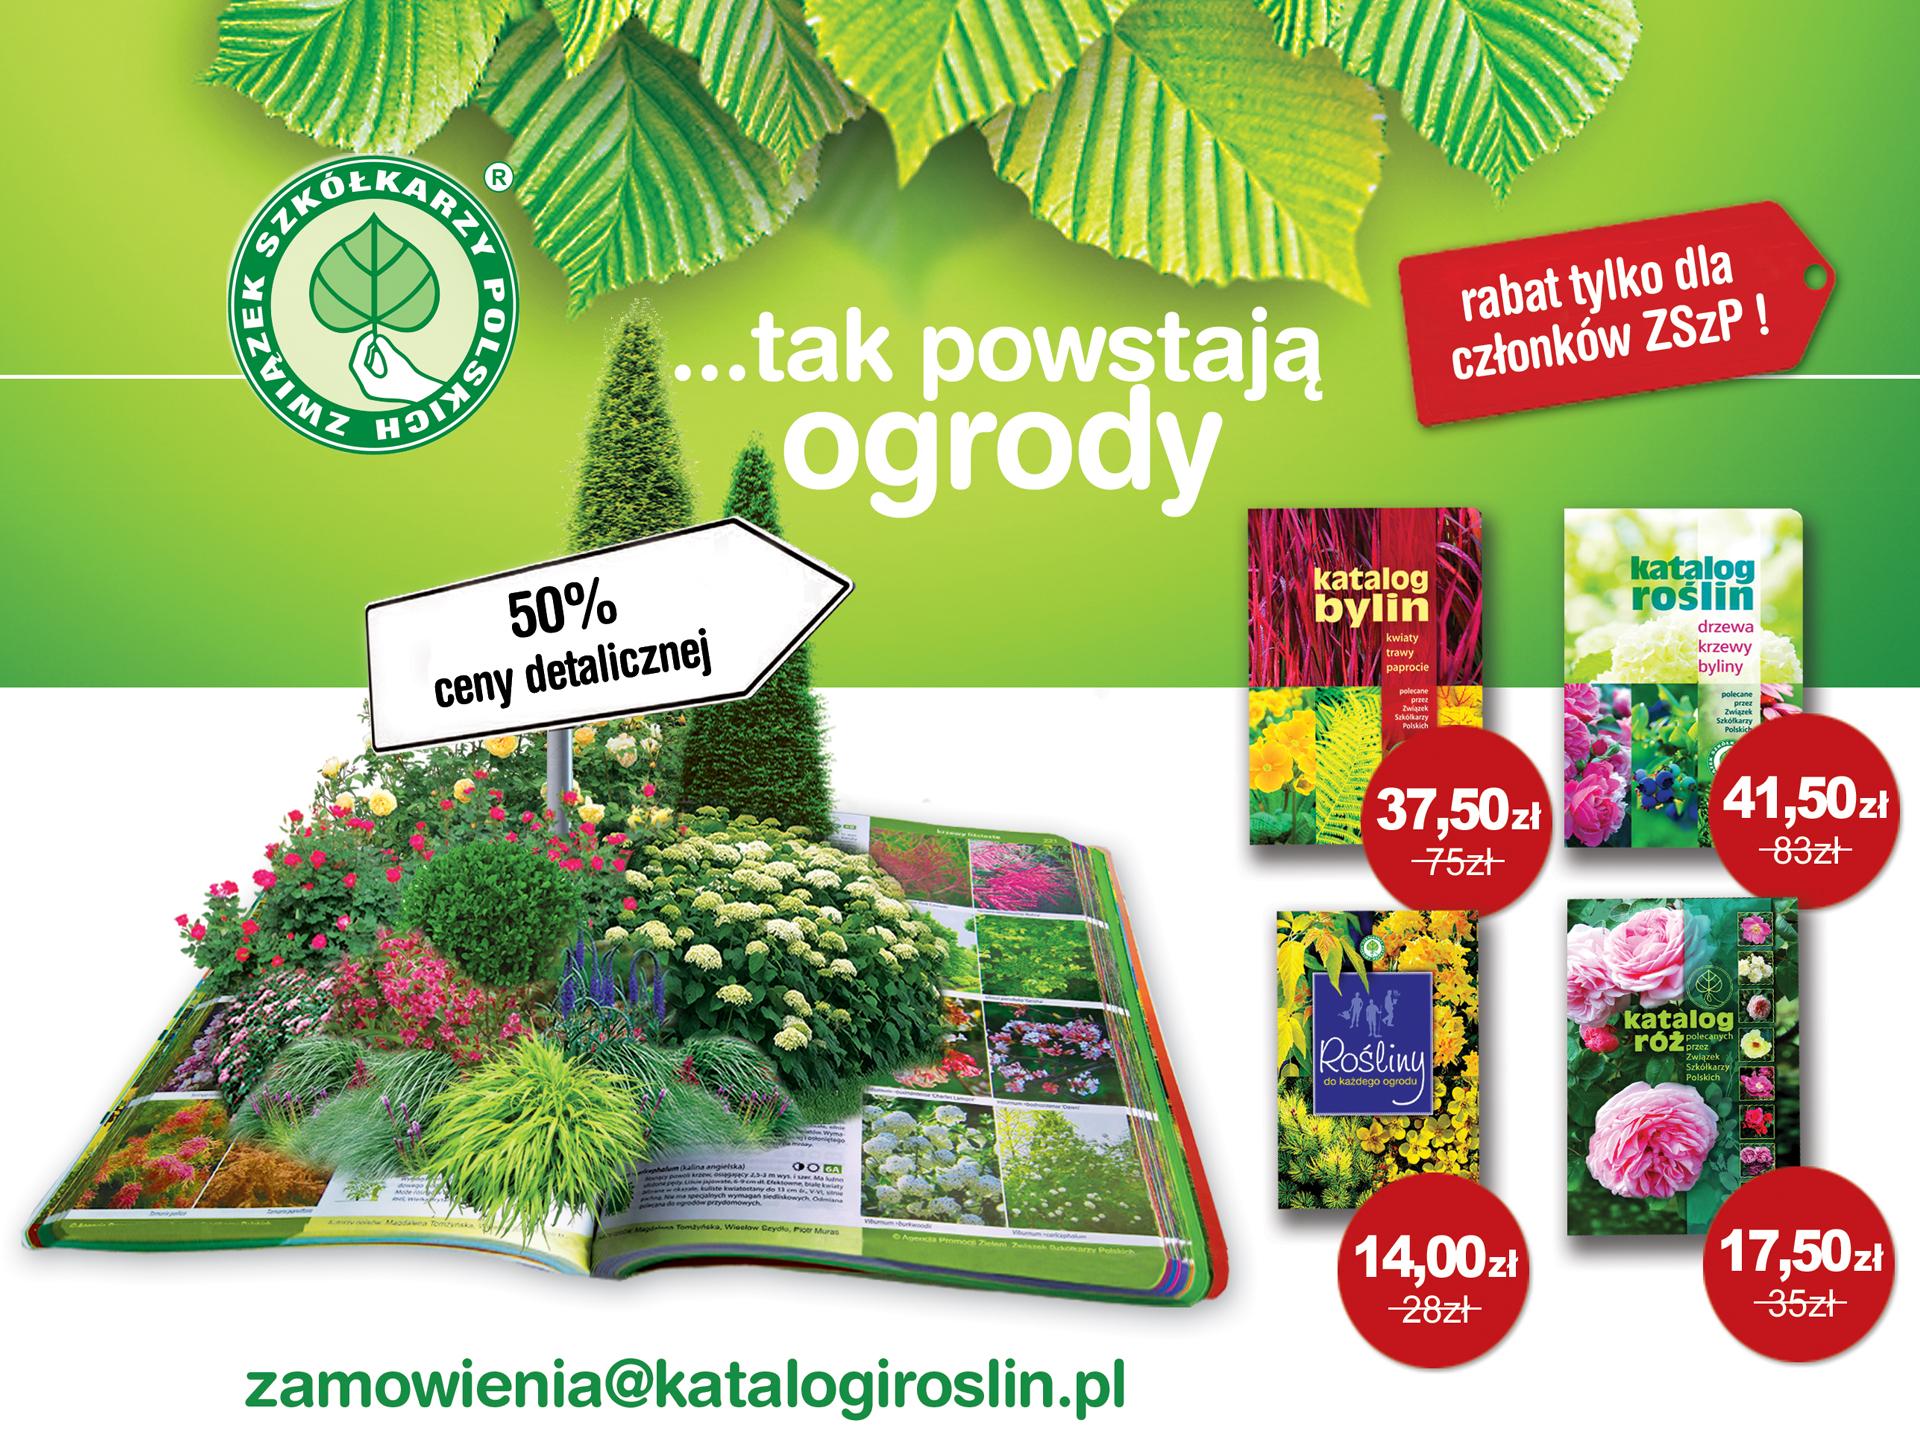 Katalogi roślin polecane przez Związek Szkółkarzy Polskich